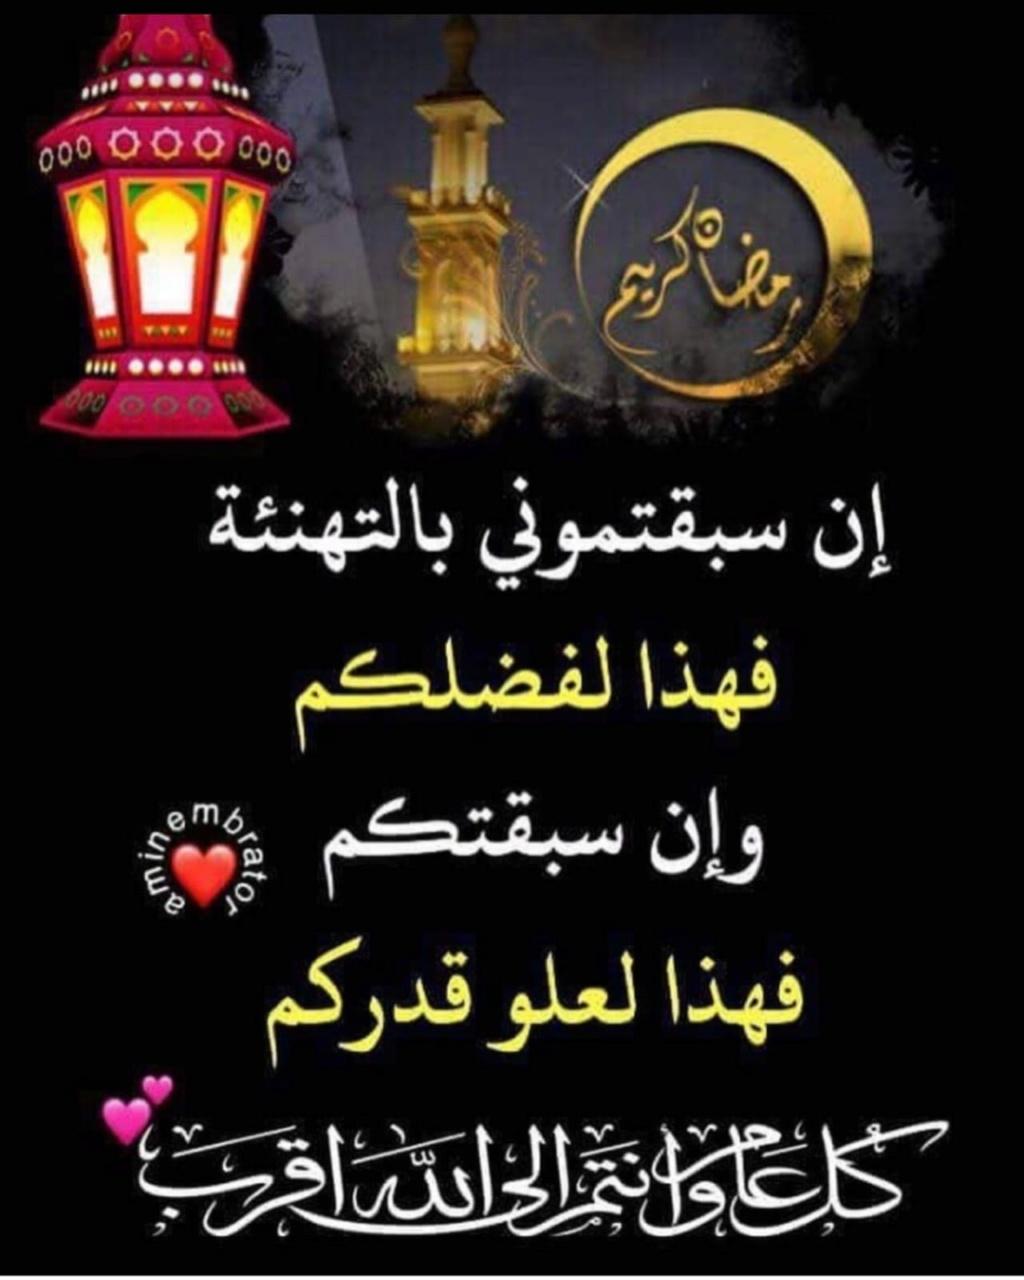 تتهنئة بحلول شهر رمضان المبارك 1440هـ/2019م Advk1910